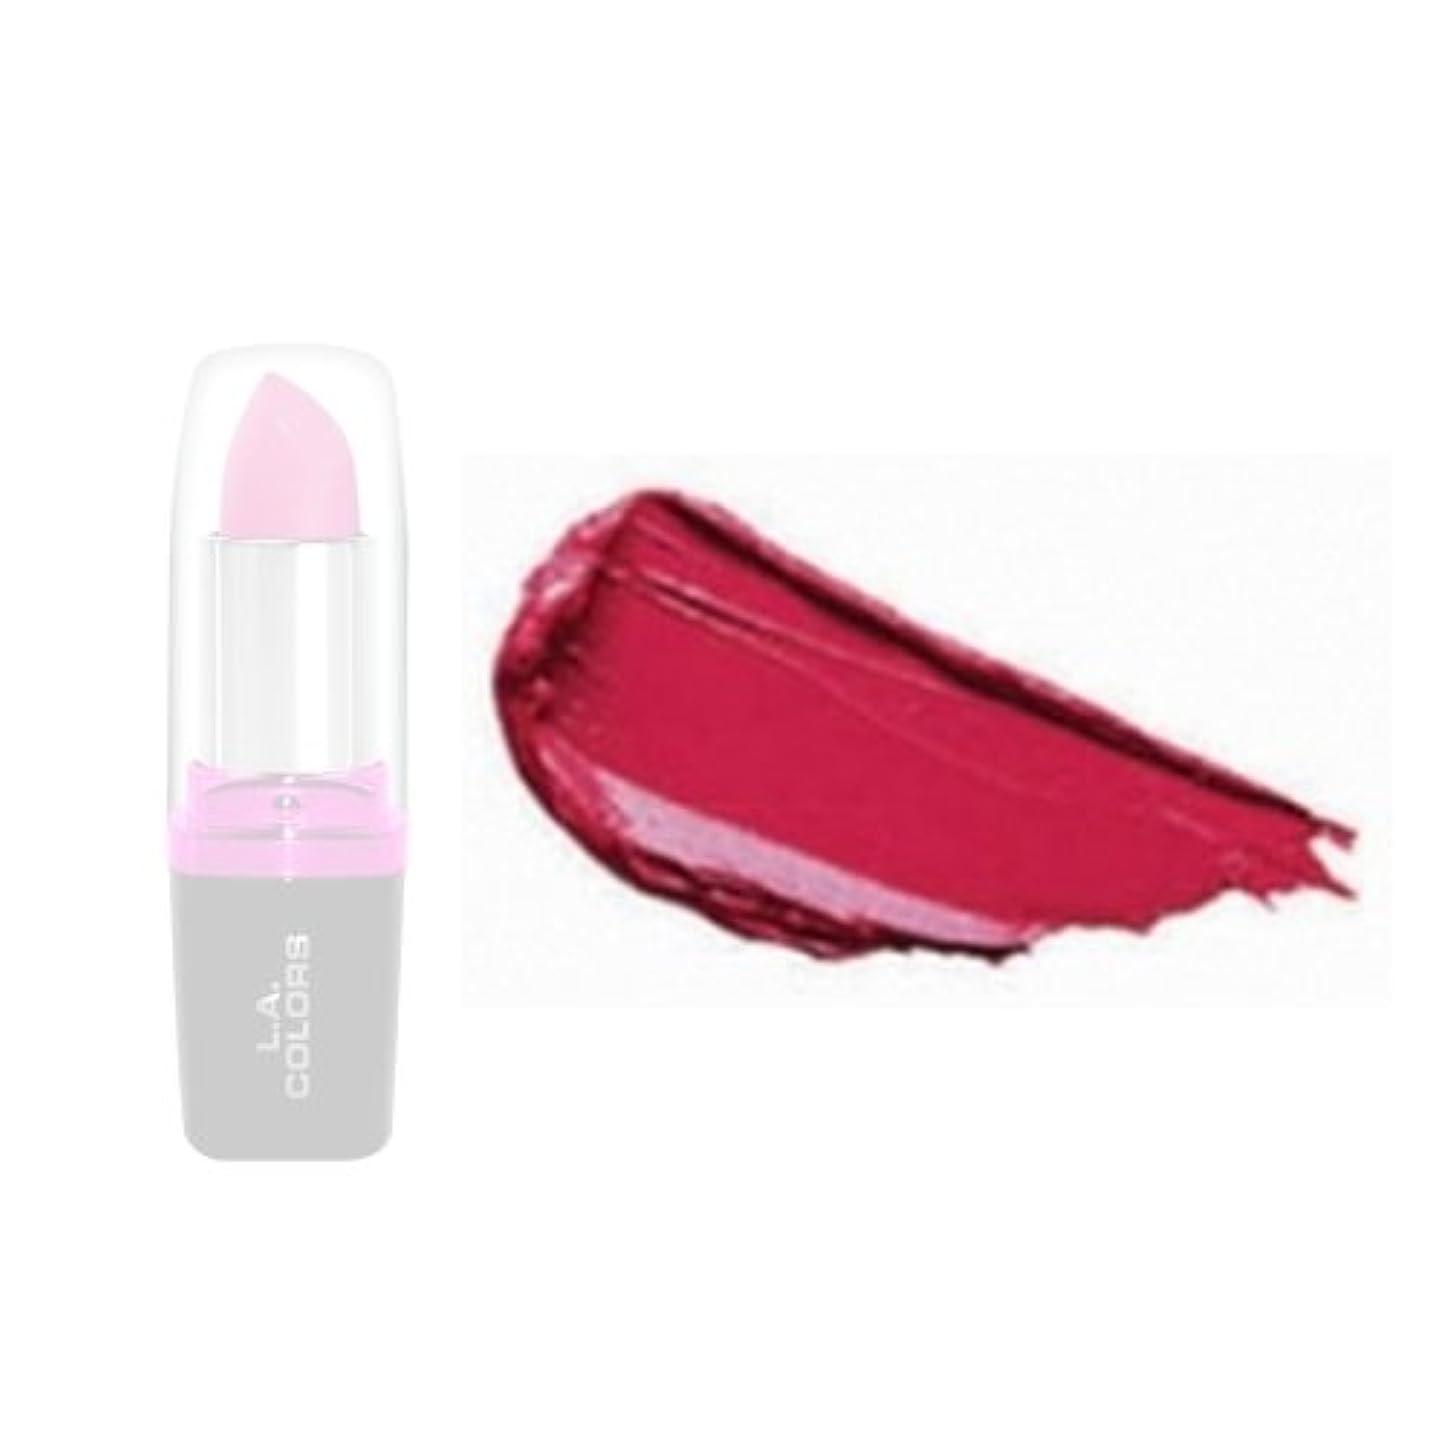 鮫付録まぶしさLA Colors Hydrating Lipstick - Rouge (並行輸入品)